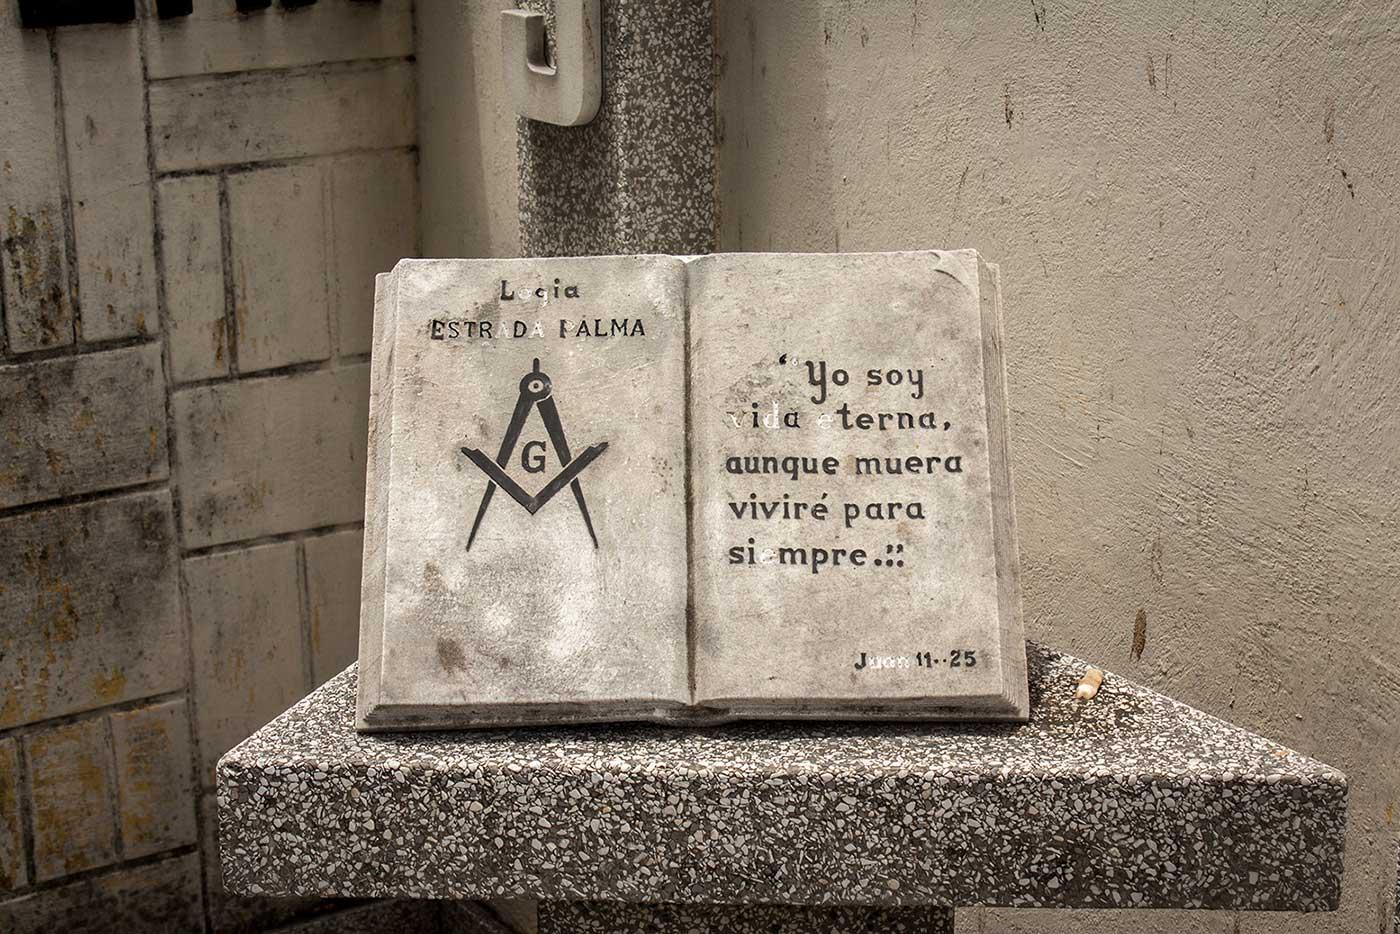 Freemasonry in Cuba